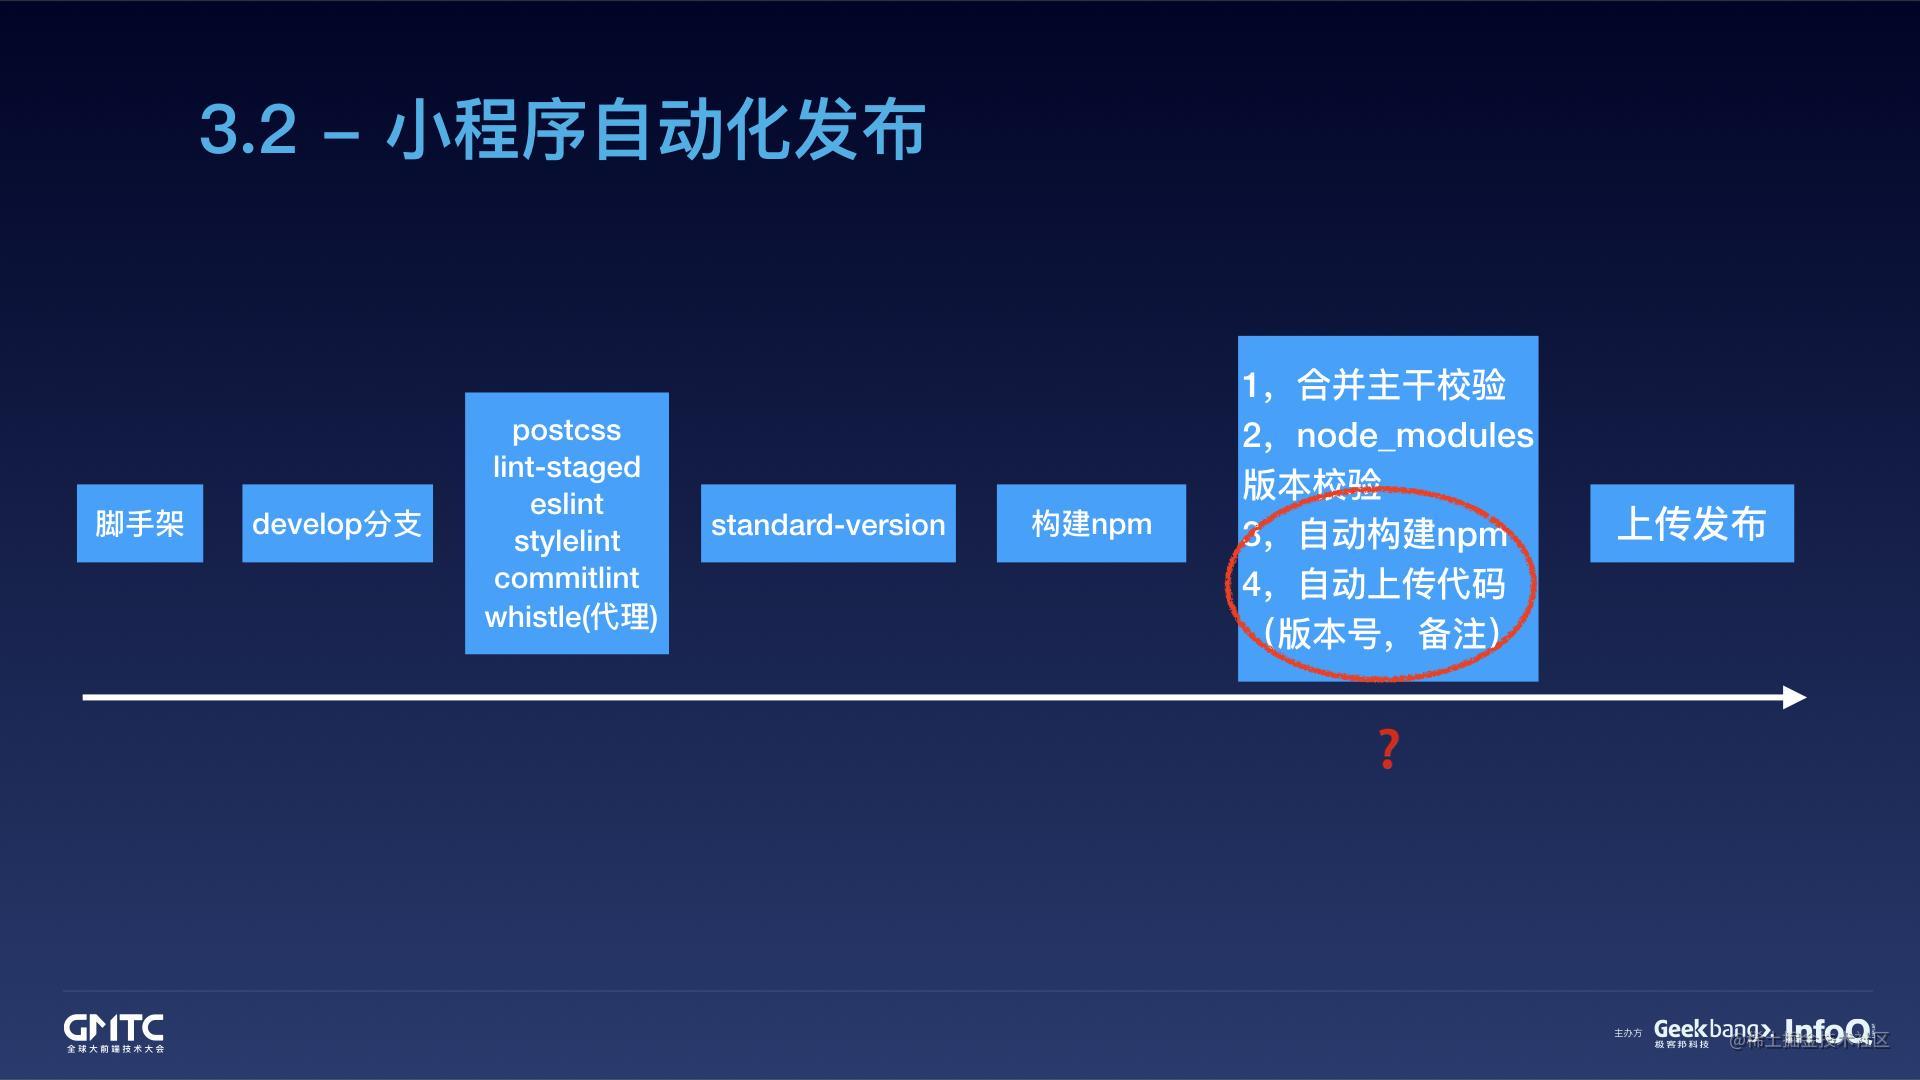 腾讯在线教育小程序开发实践之路.057.jpeg